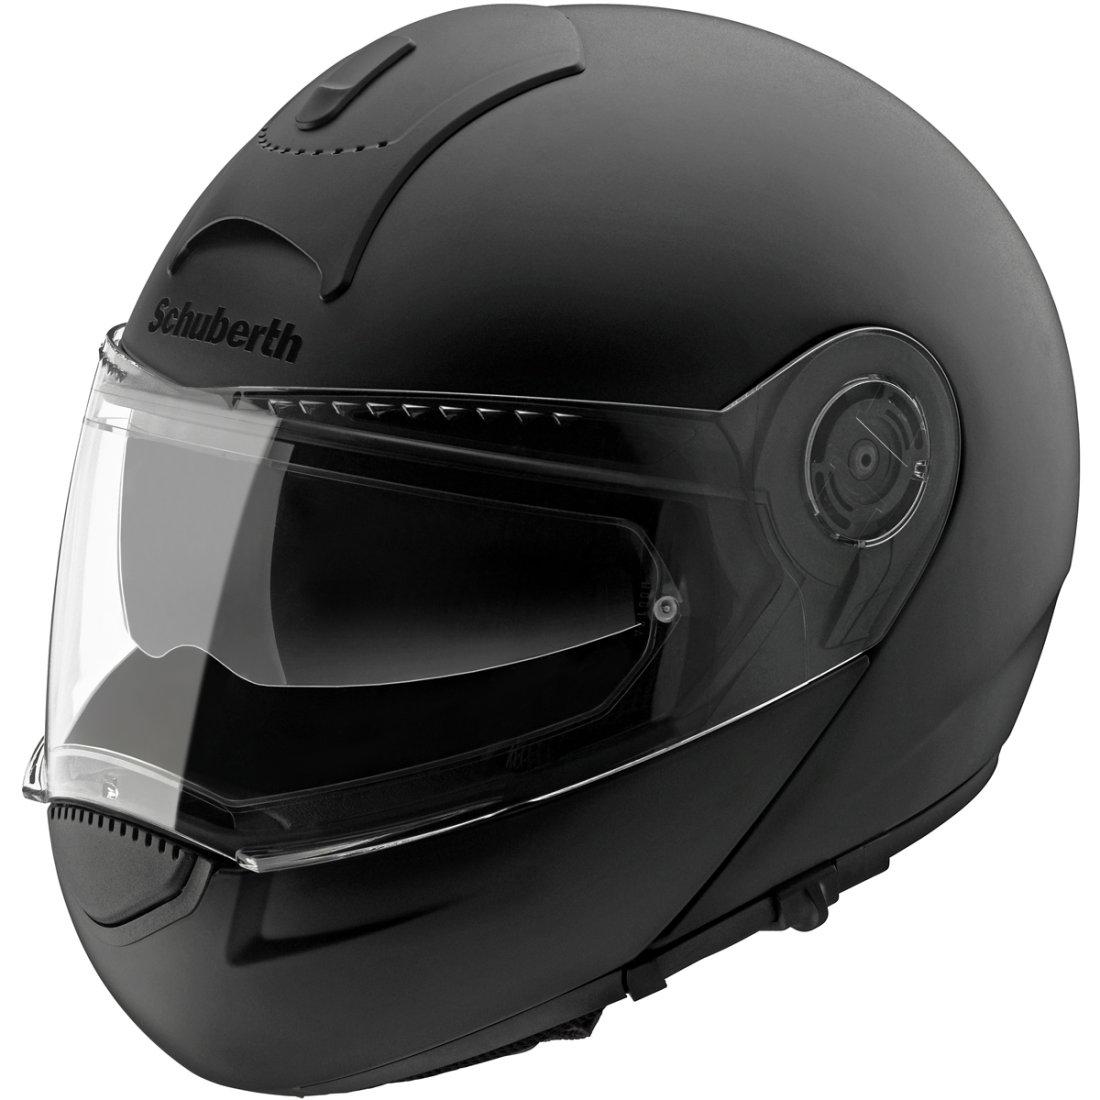 355 Cascos para moto de carretera Modulares · Motocard 260e45ccdcb